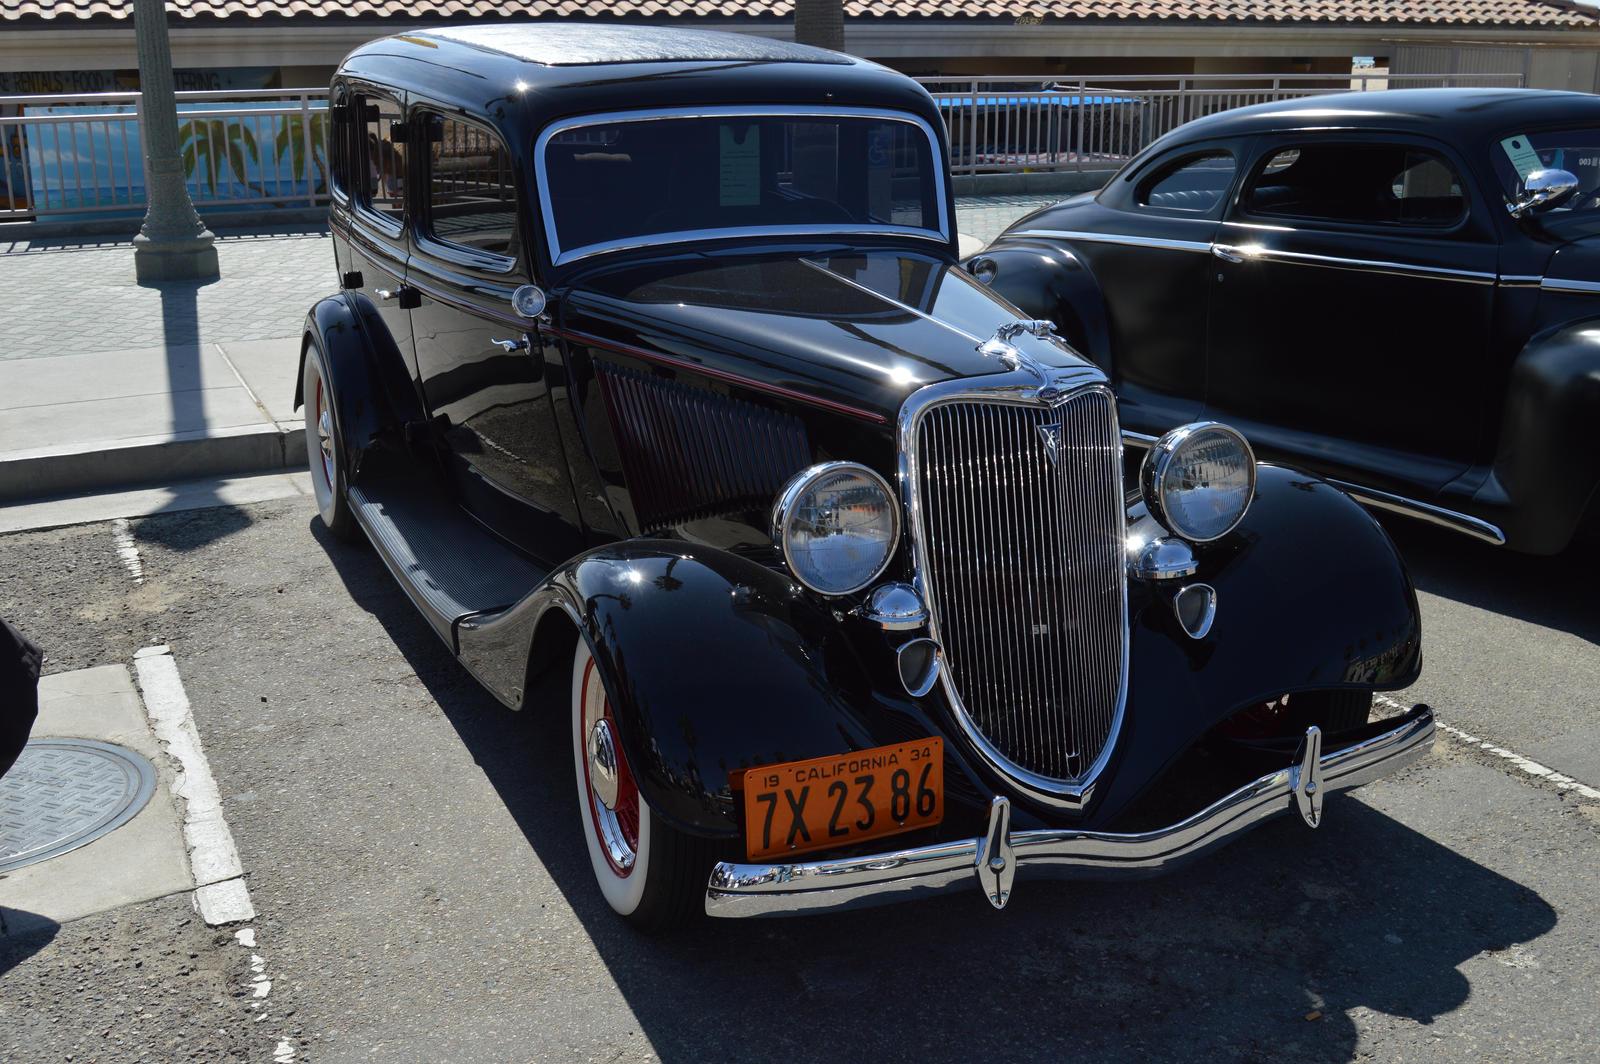 1934 ford four door sedan vi by brooklyn47 on deviantart for 1934 ford 4 door sedan